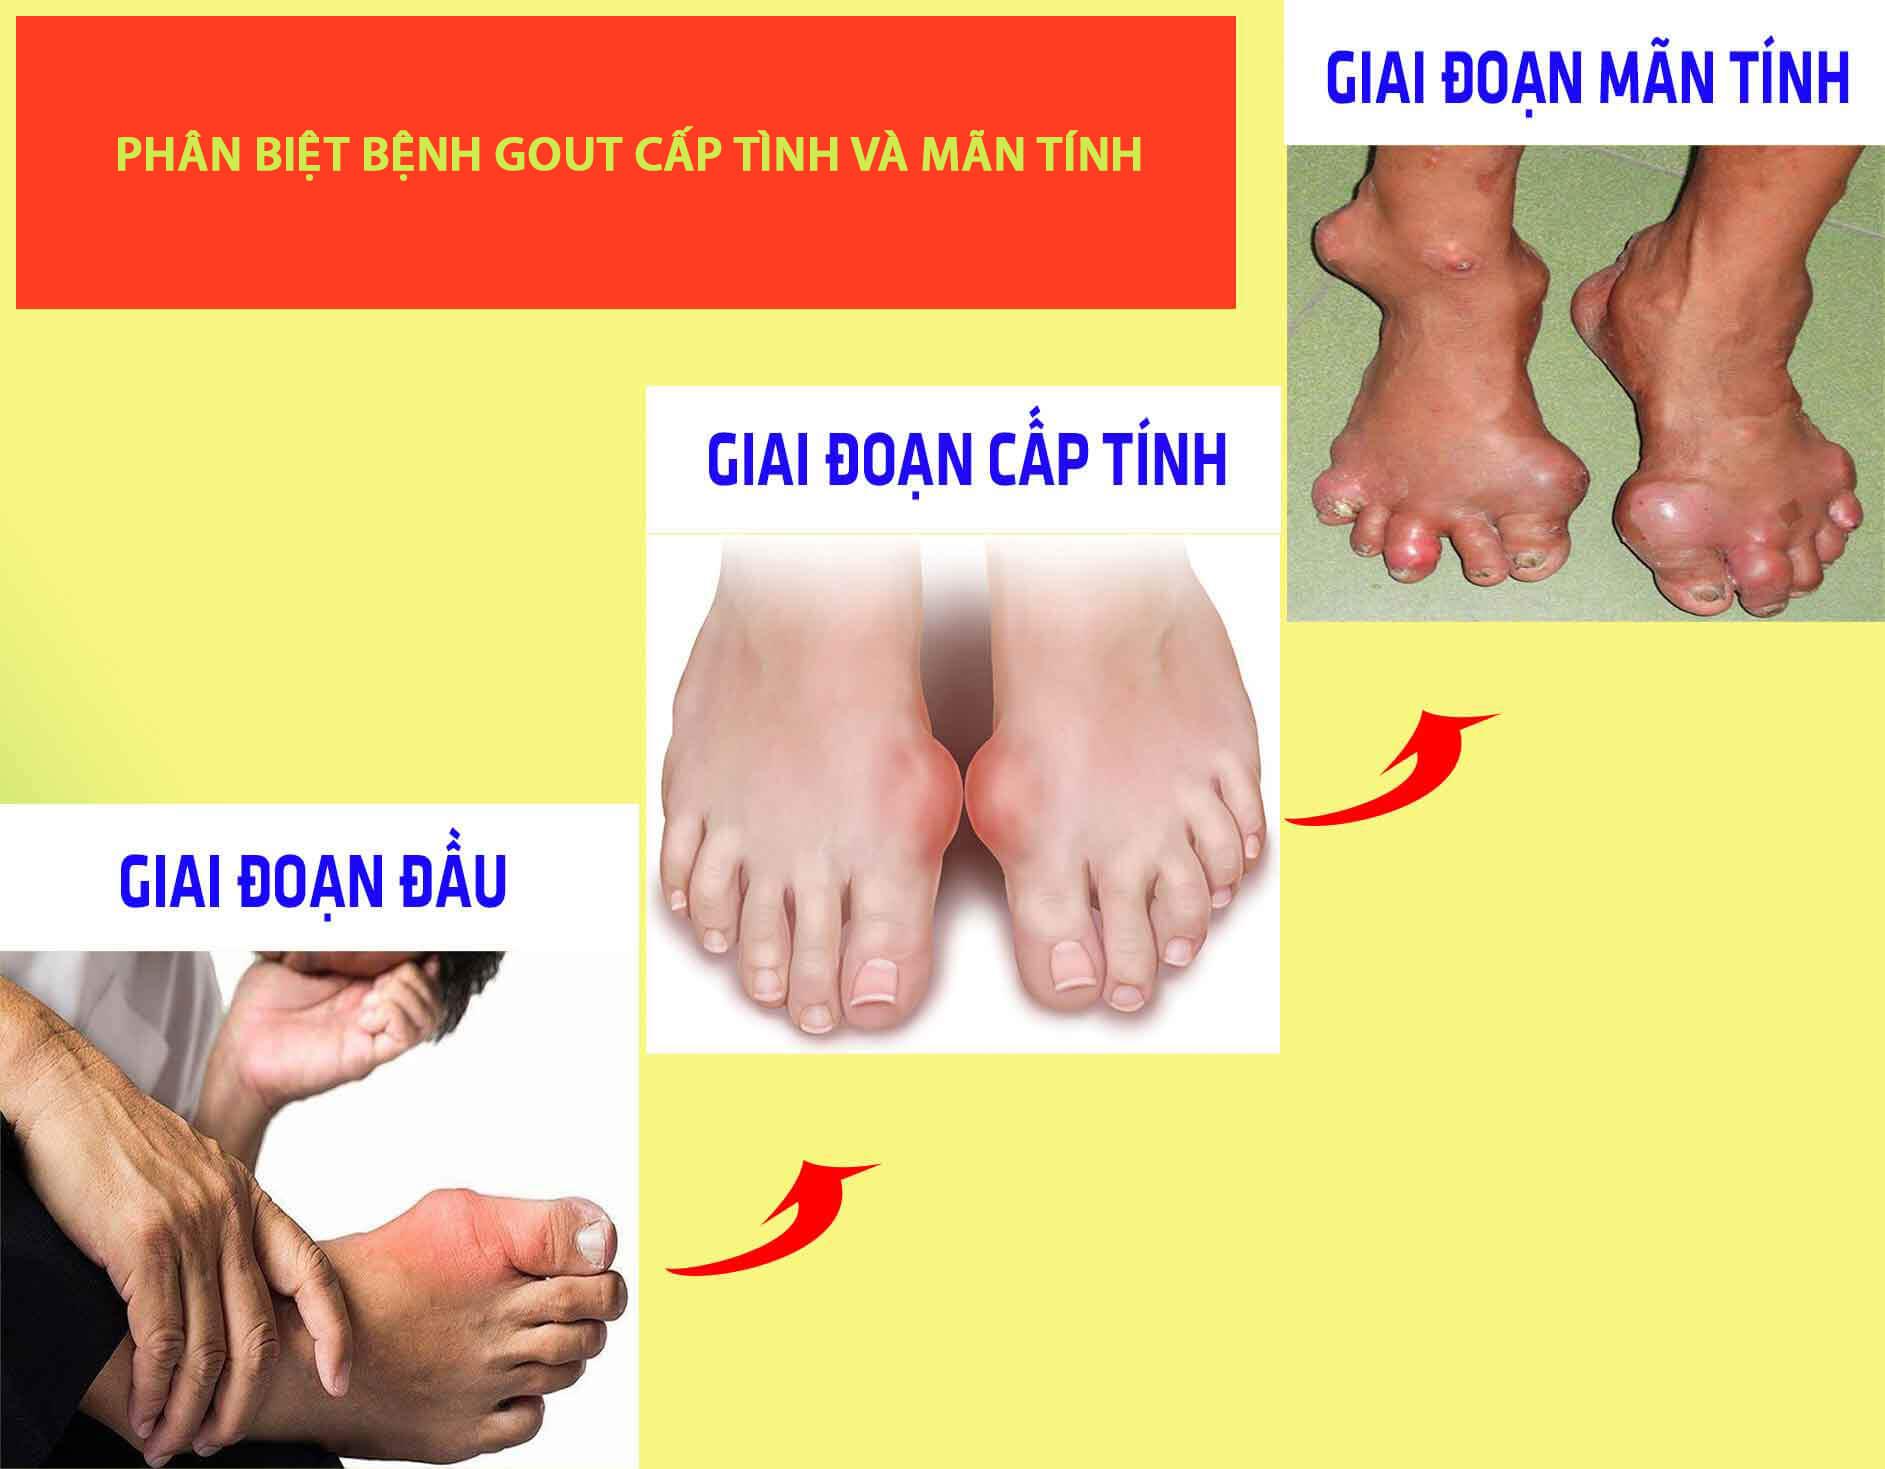 Phân biệt cơn gout cấp và bệnh gout mạn tính